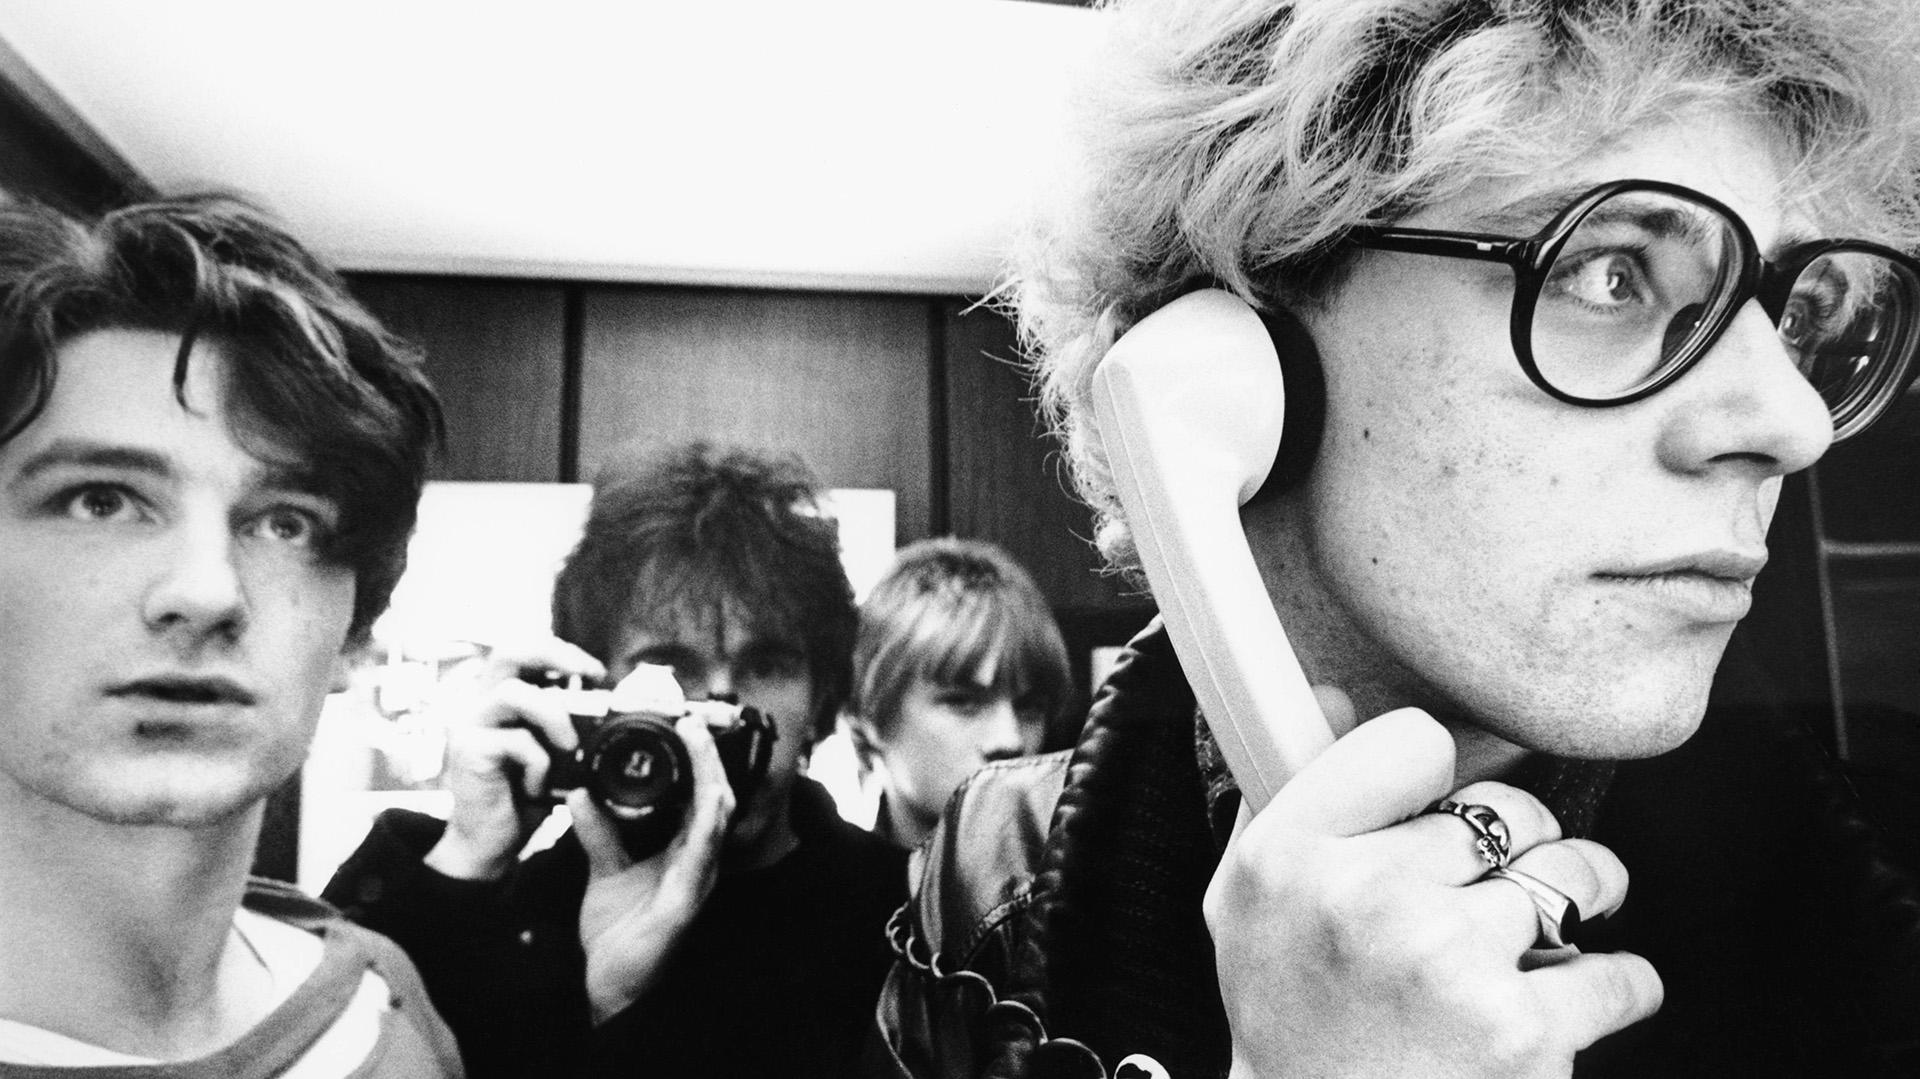 De izuierda a derecha: Bono, The Edge (sosteniendo la cámara), Larry Mullen Jr y Adam Clayton (al teléfono)